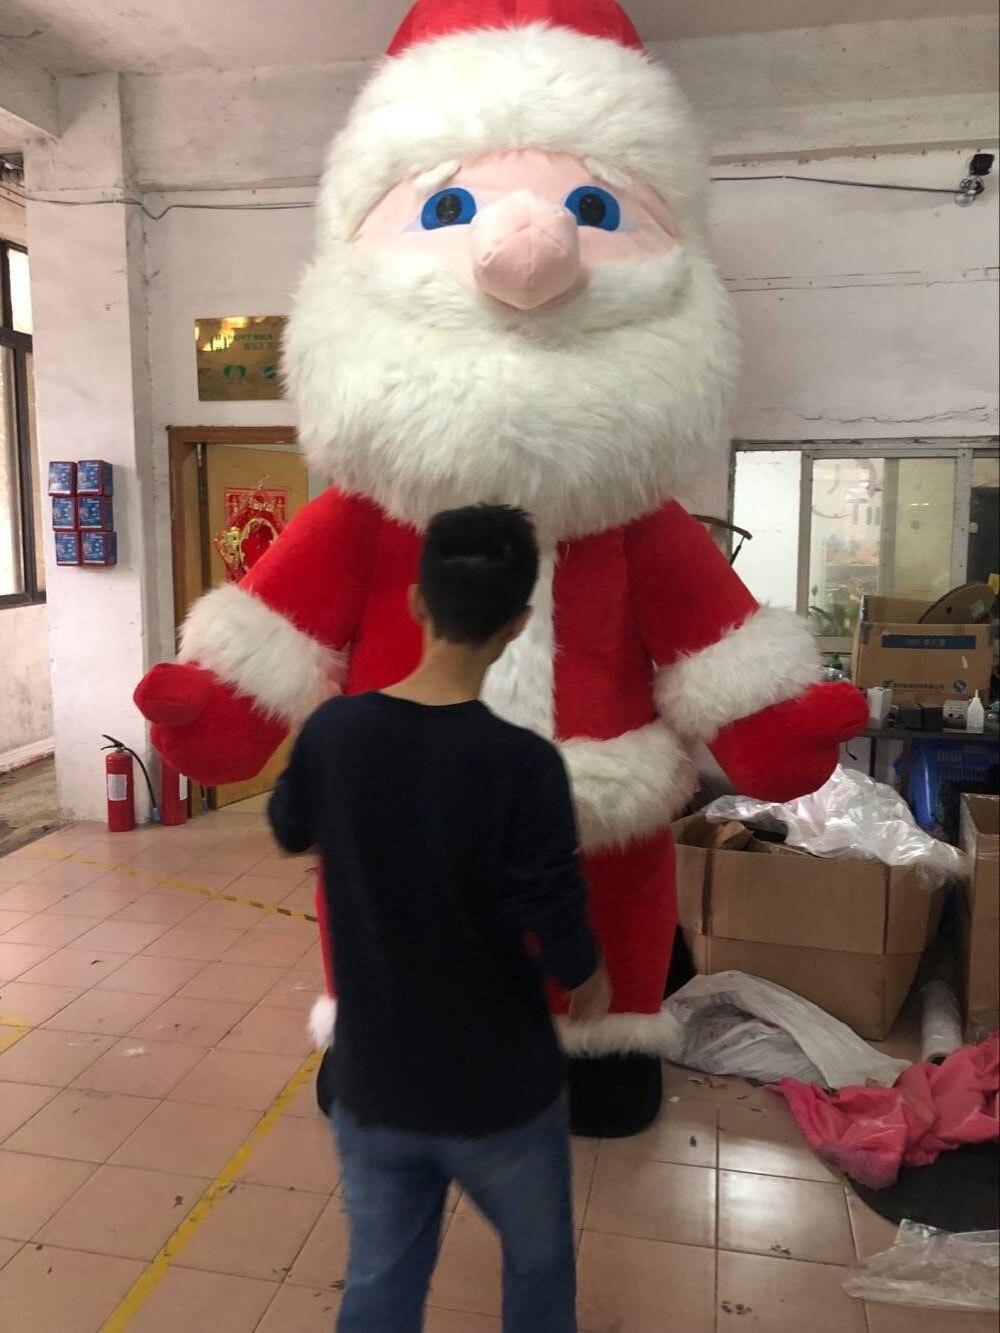 2.6/3 M fourrure gonflable en peluche Santa Claus mascotte costume taille adulte avec souffleur d'air les gens peuvent marcher à l'intérieur